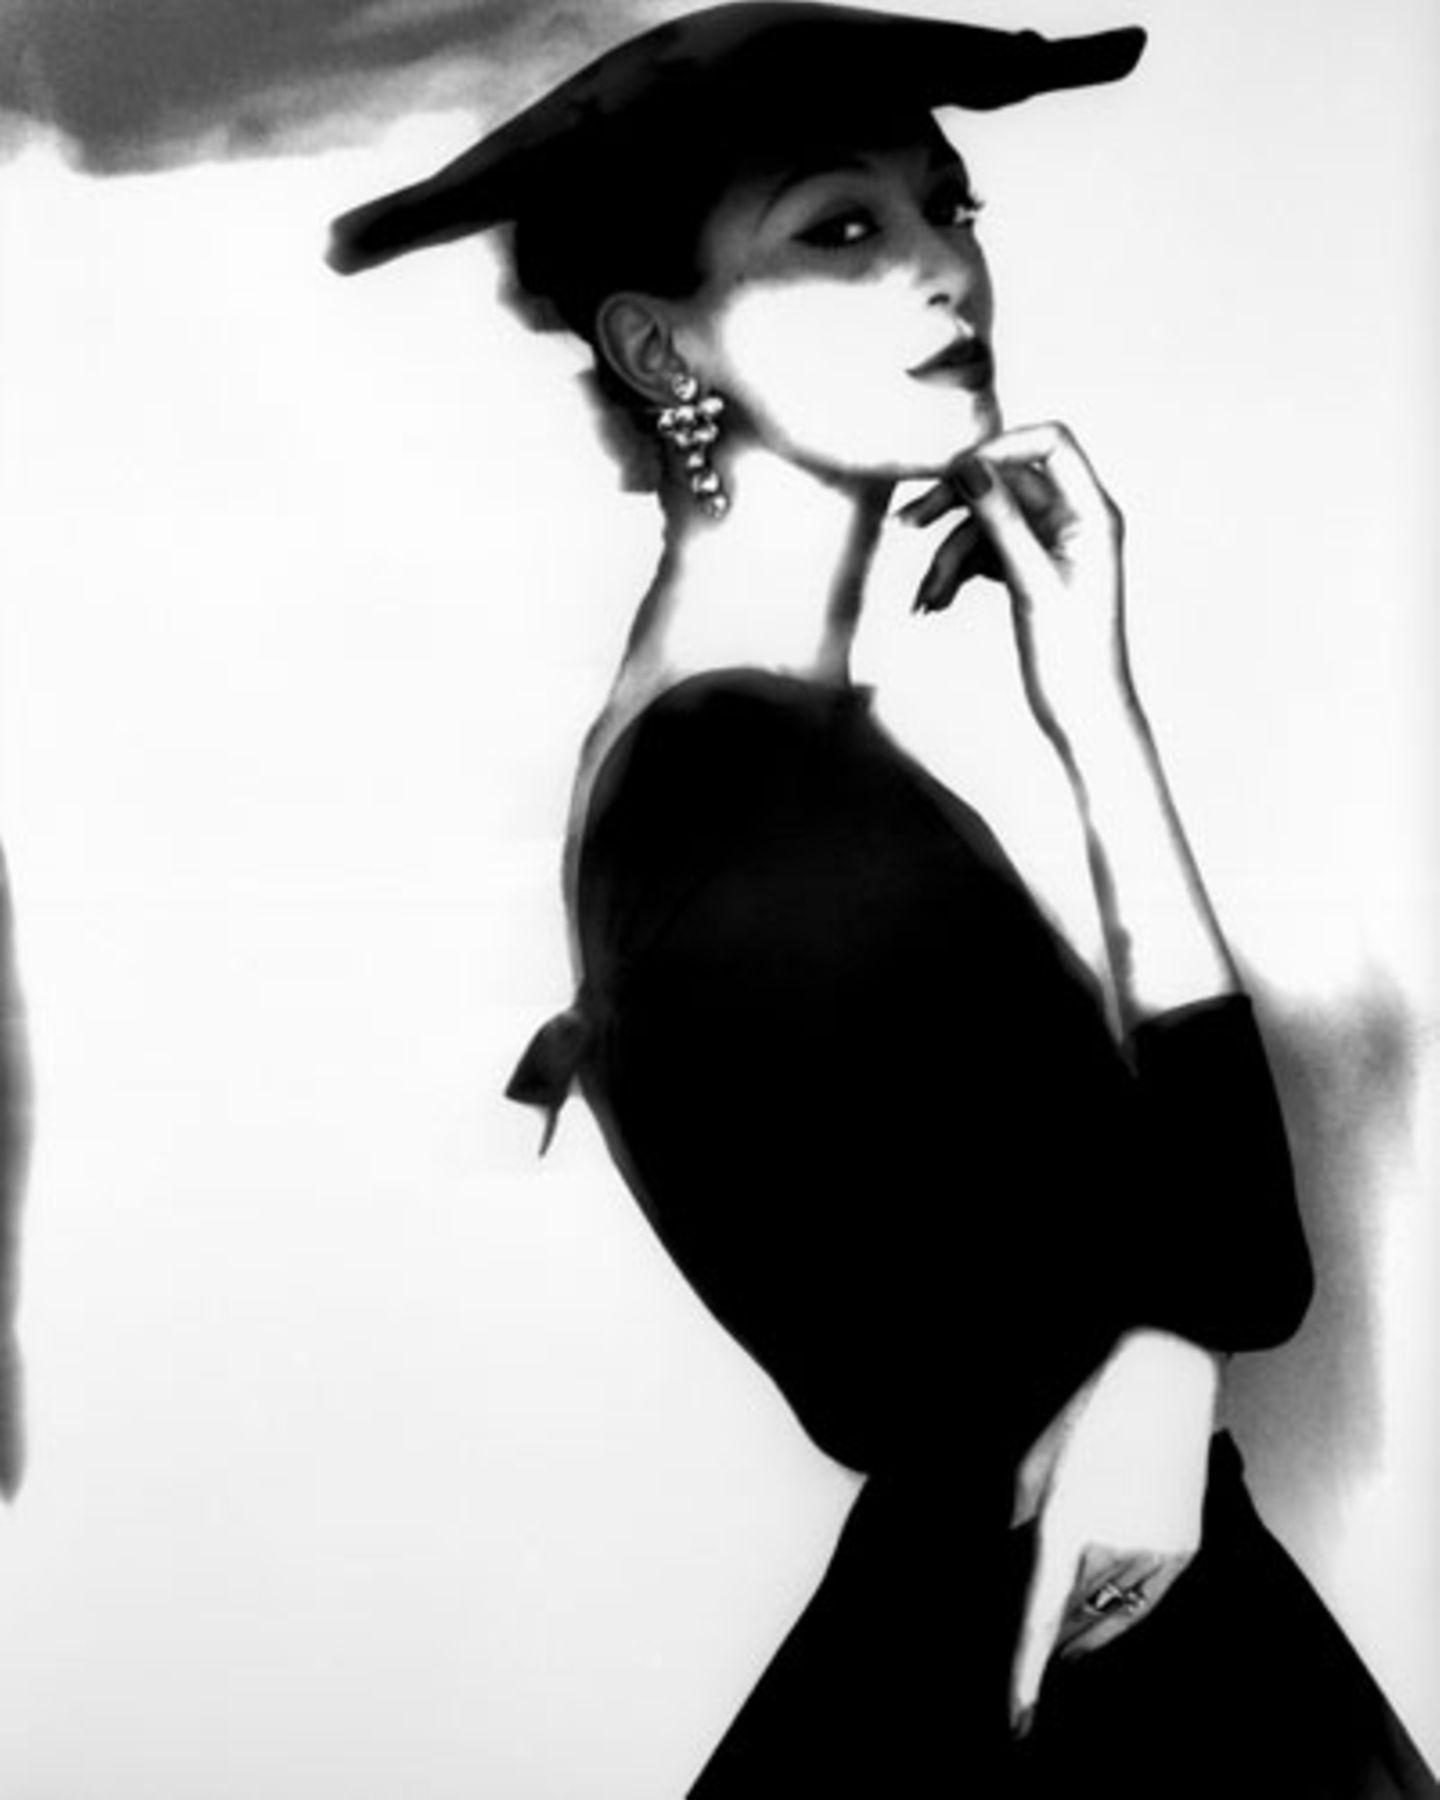 """Eine Aufnahme Bassmans von dem Model Barbara Mullen. Über sie sagt die Fotografin: """"Mein Lieblingsmodel war Barbara Mullen, die wirklich das unwahrscheinlichste Model war, das Sie jemals gesehen haben. Es gab nichts Schönes an ihr. Es sei denn man stellte sie ins Licht, brachte sie dazu, sich zu bewegen. Dann war sie unglaublich."""""""